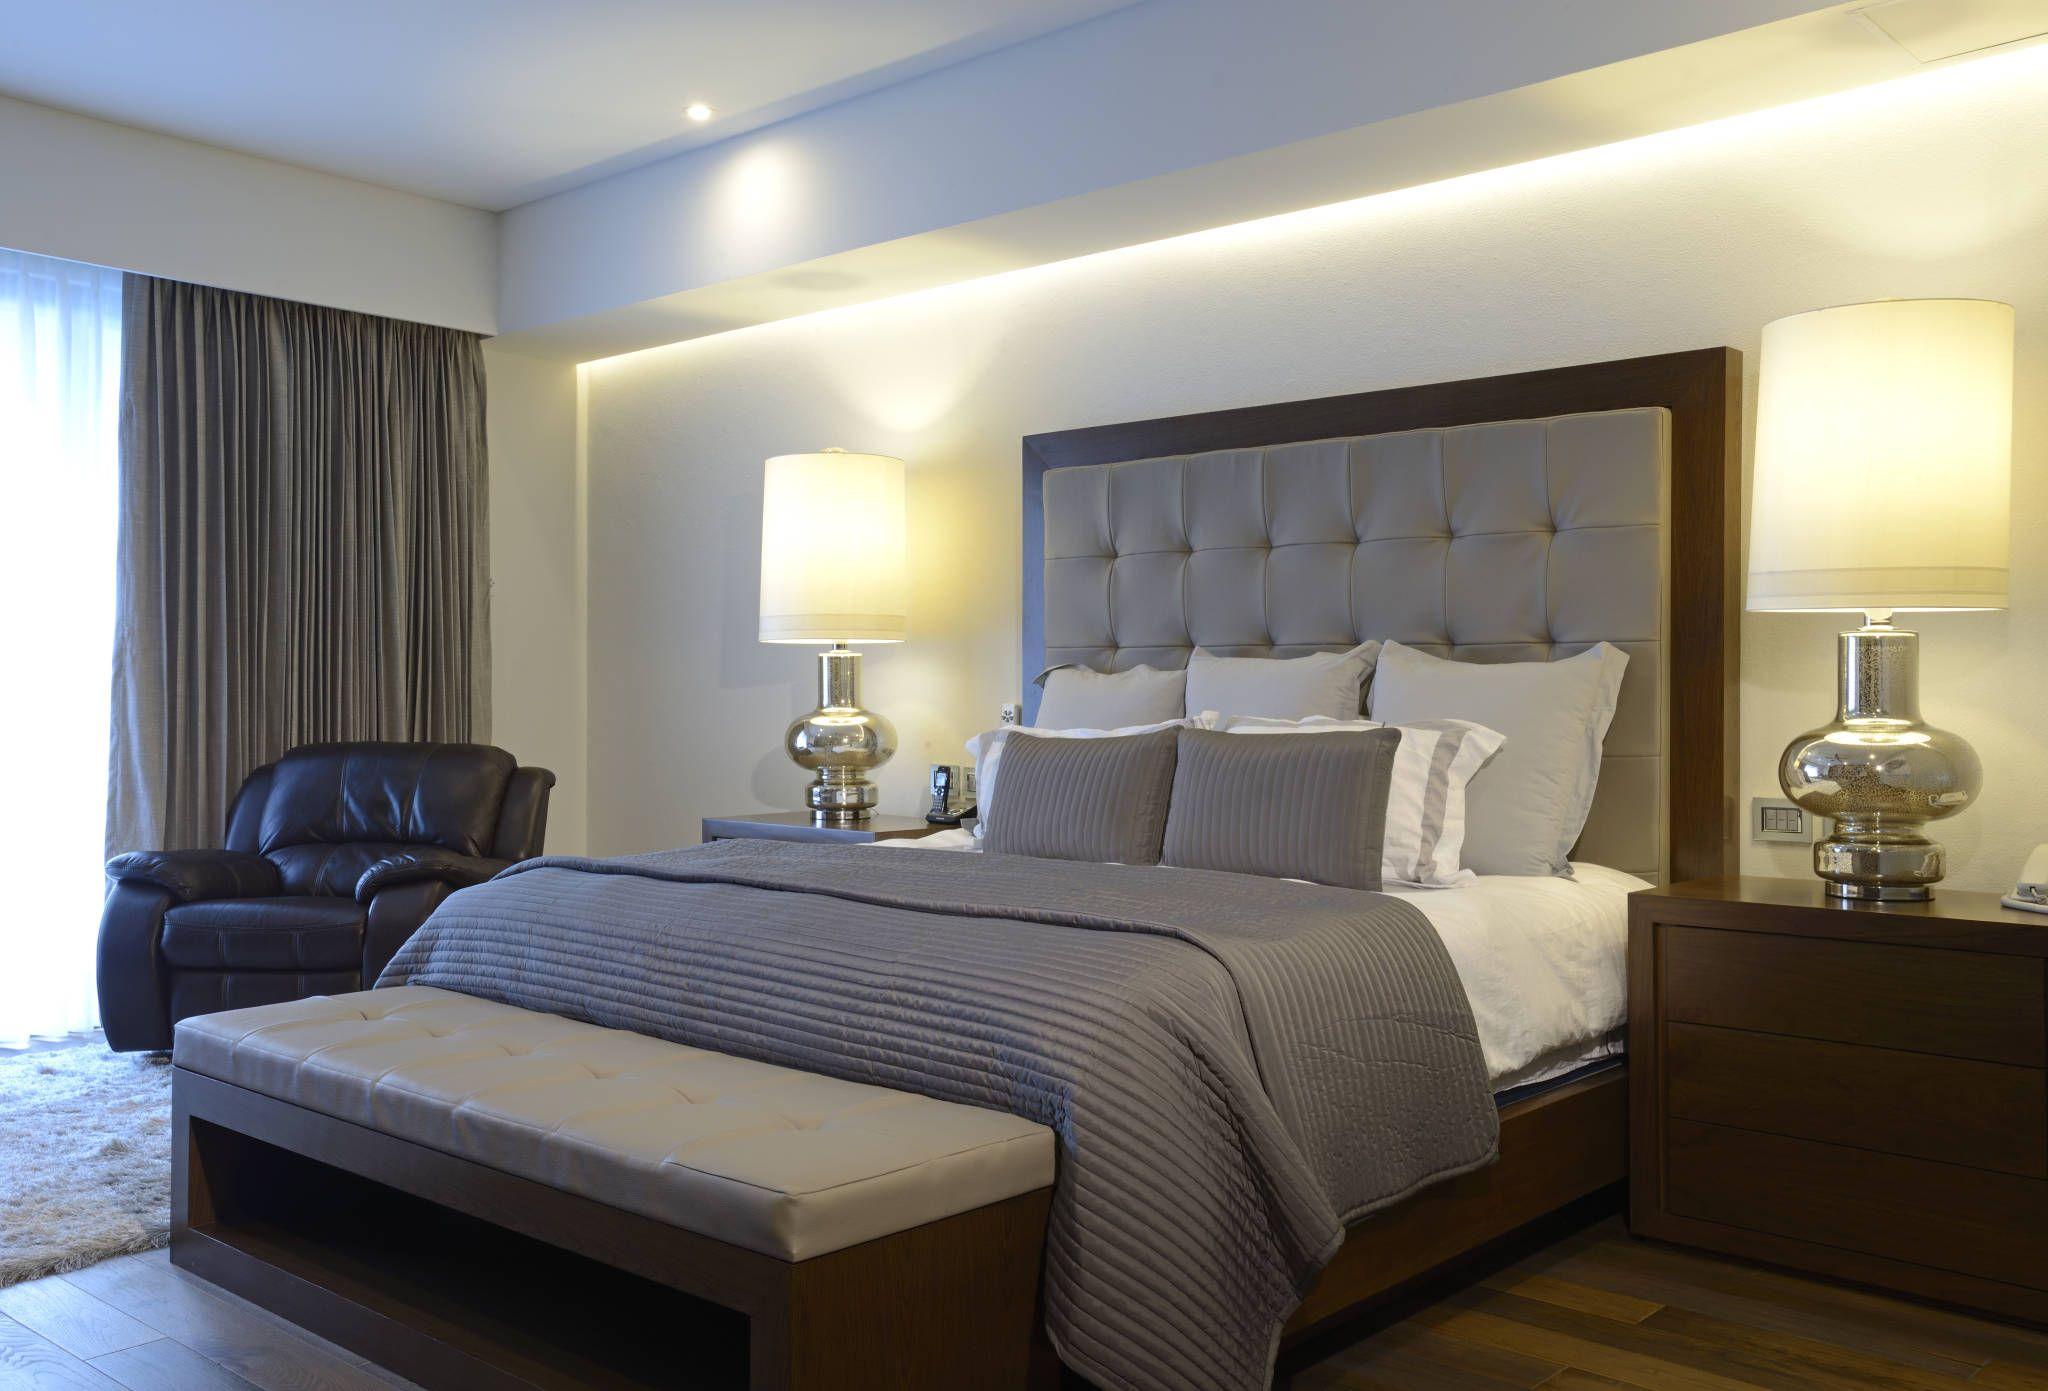 Recamara principal rec maras de estilo por victoria - Ideas decoracion dormitorios ...